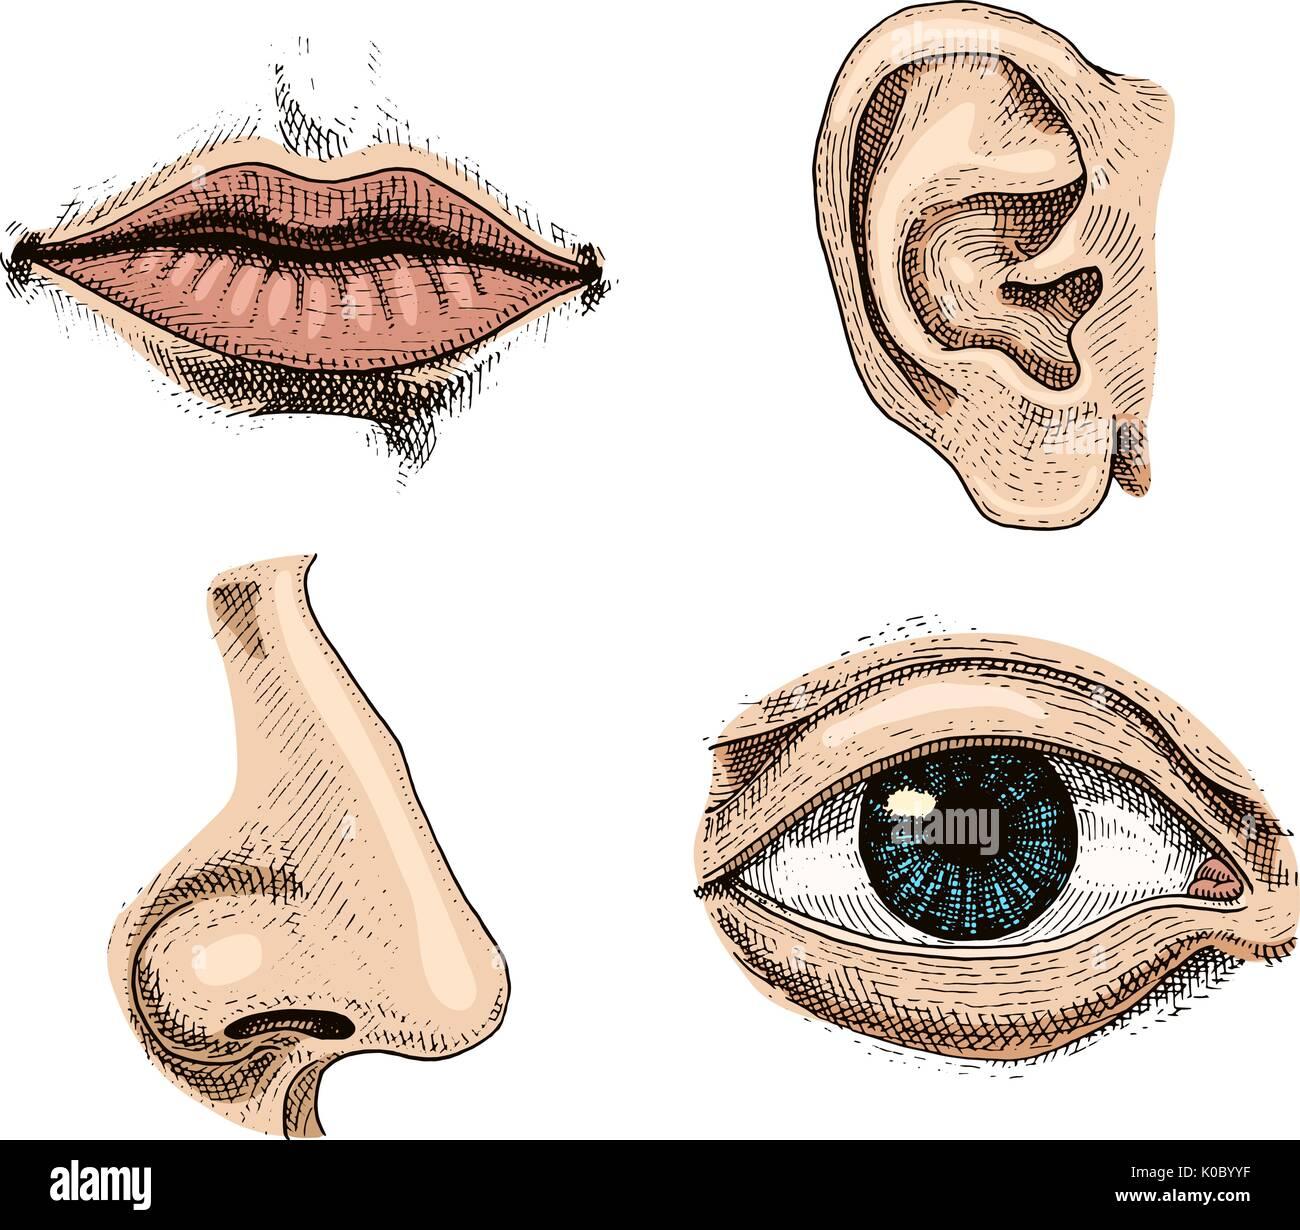 Humanbiologie, Organe Anatomie Abbildung. gravierte handgezeichnete ...